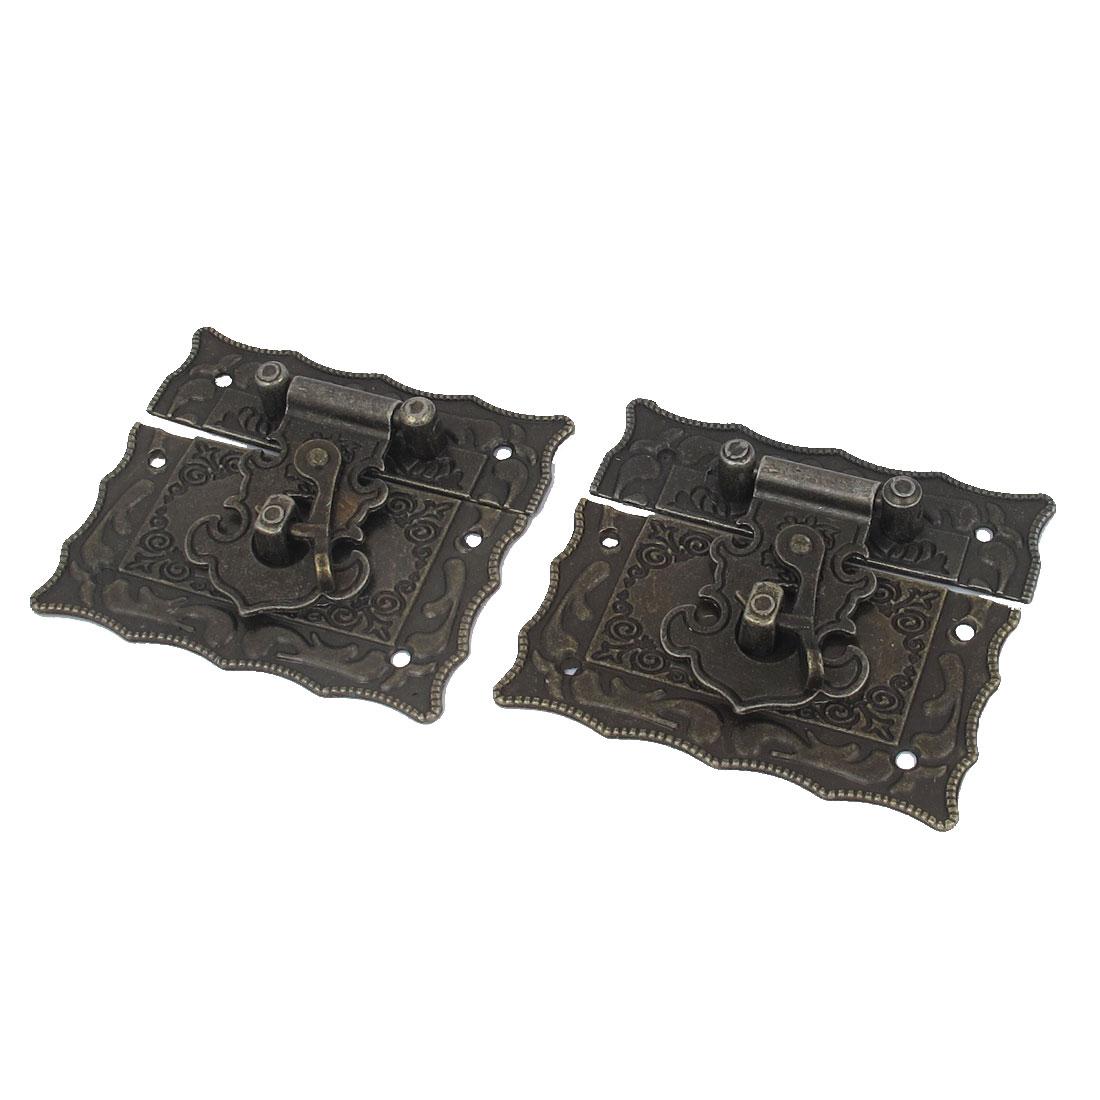 2 Sets Bronze Tone Rectangle Shape Antique Wooden Case Box Clasp Hasp Latch